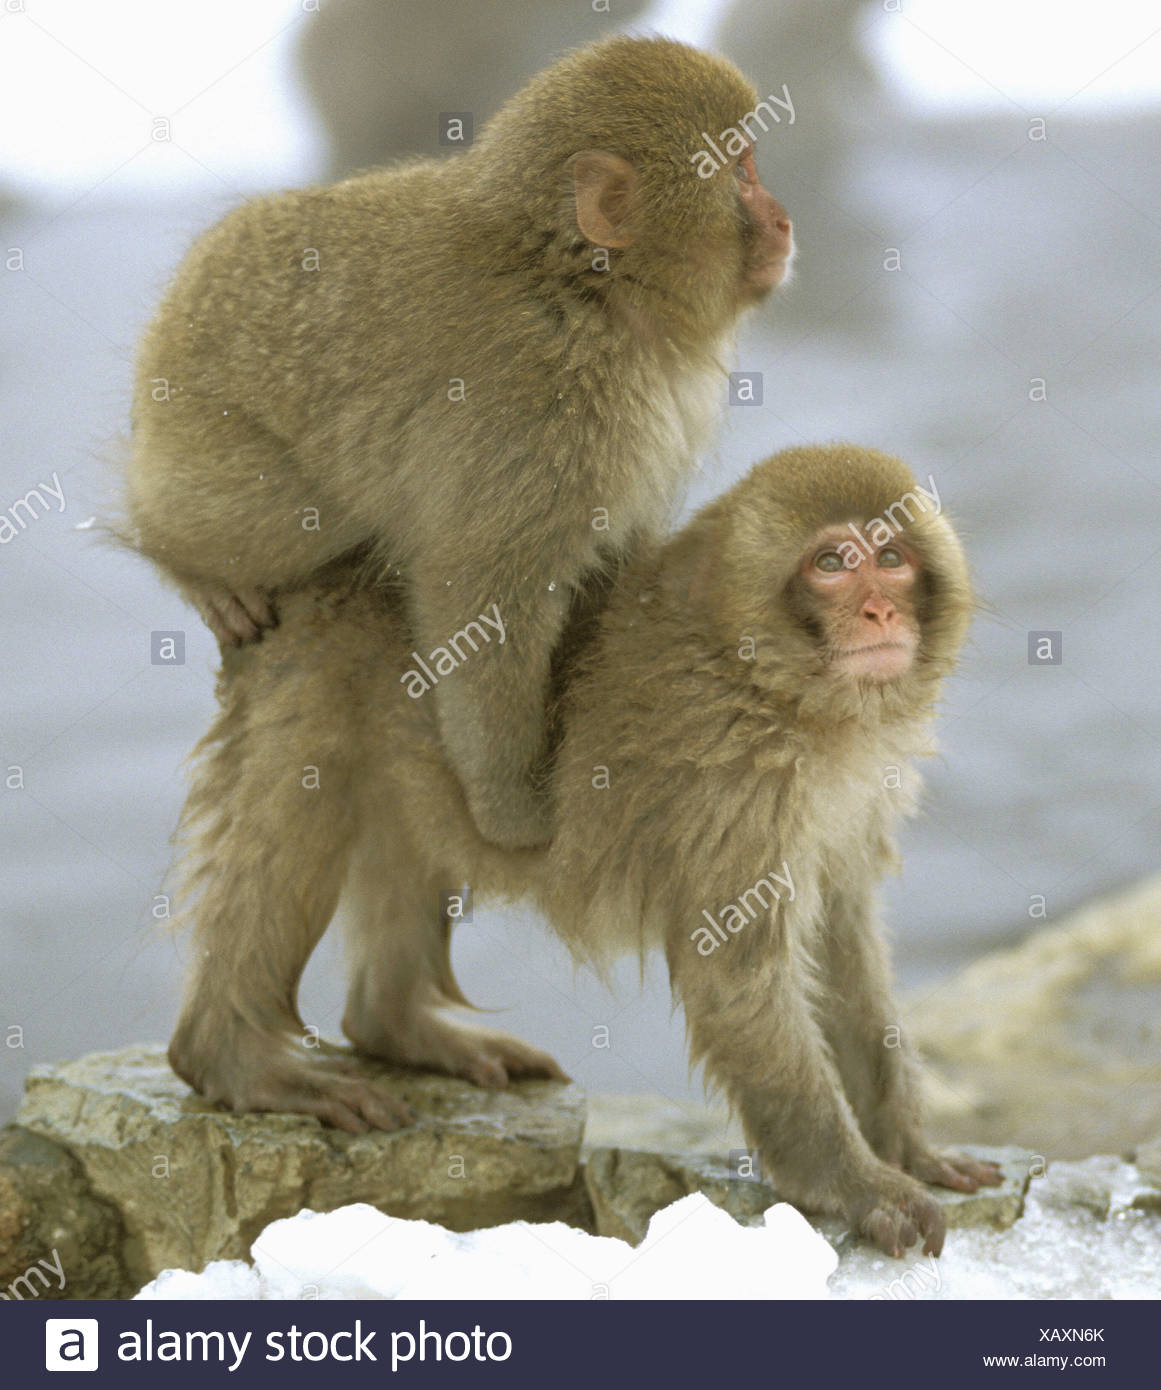 zoology / animals, mammal / mammalian, monekys, Japanmakak, (Macaca fuscata), cub playing, 'Joshin-Etsu Kogen National Park, distribution: Japan, Additional-Rights-Clearance-Info-Not-Available - Stock Image